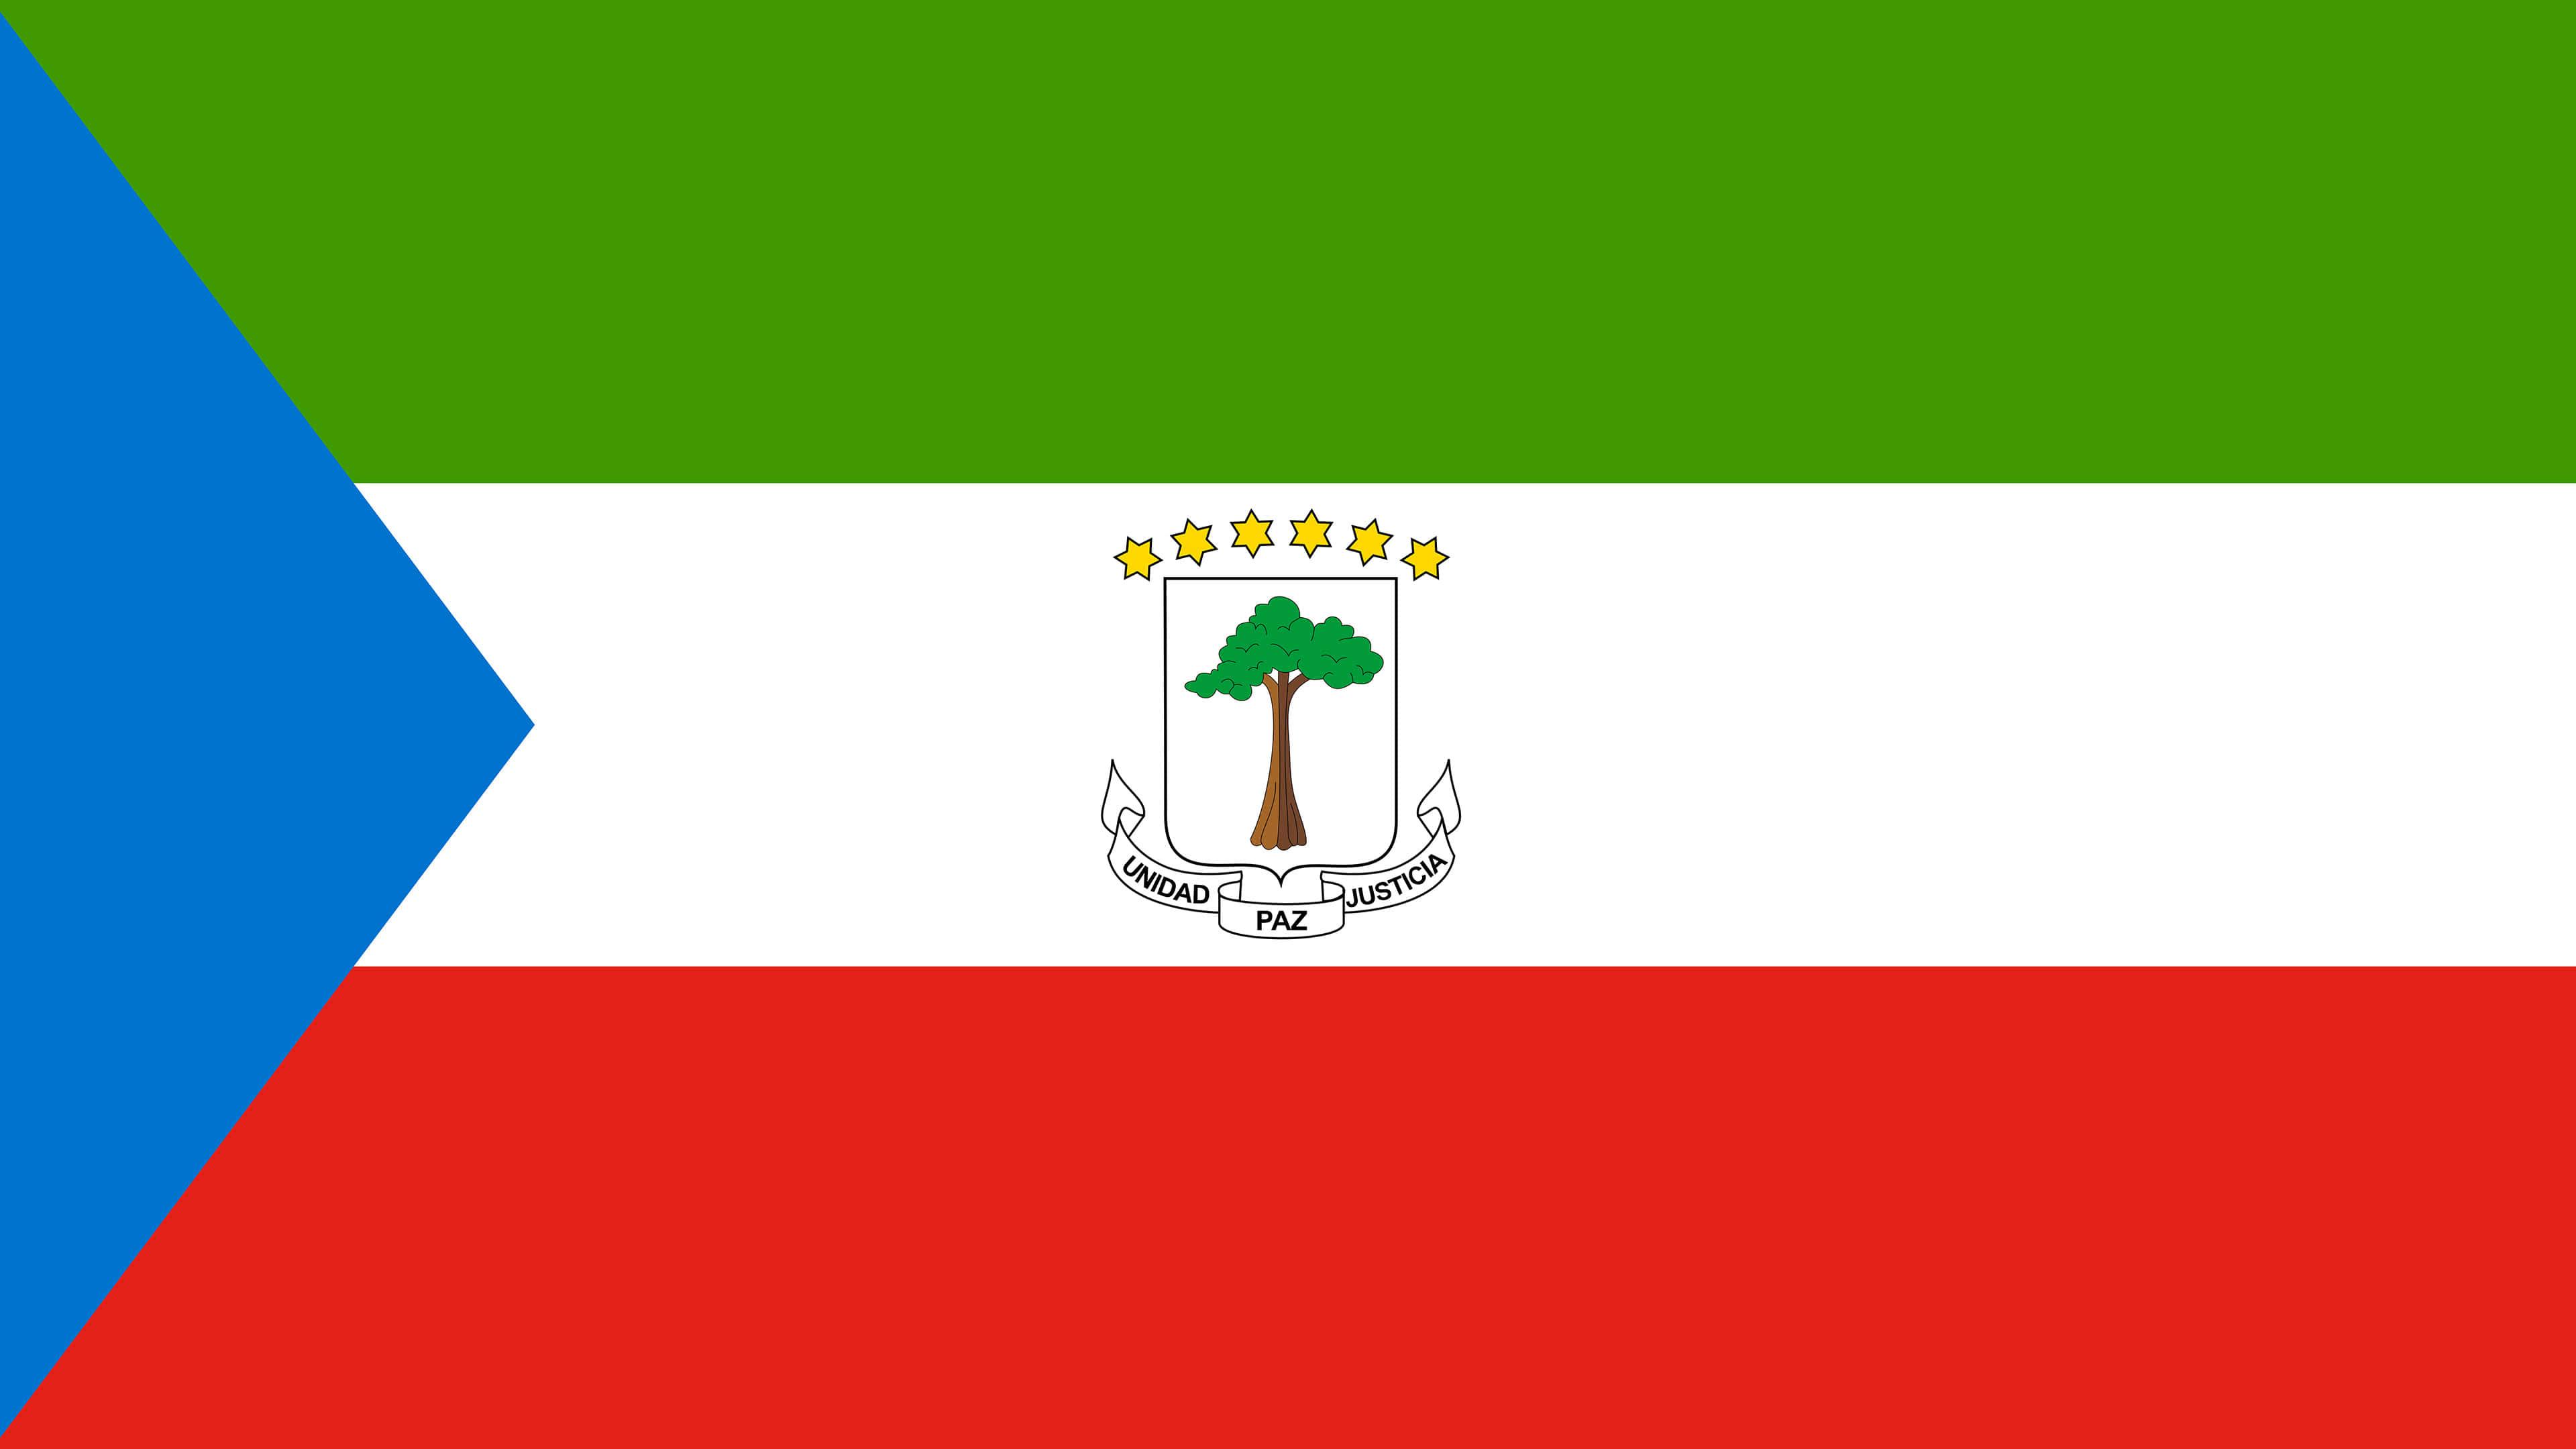 equatorial guinea flag uhd 4k wallpaper